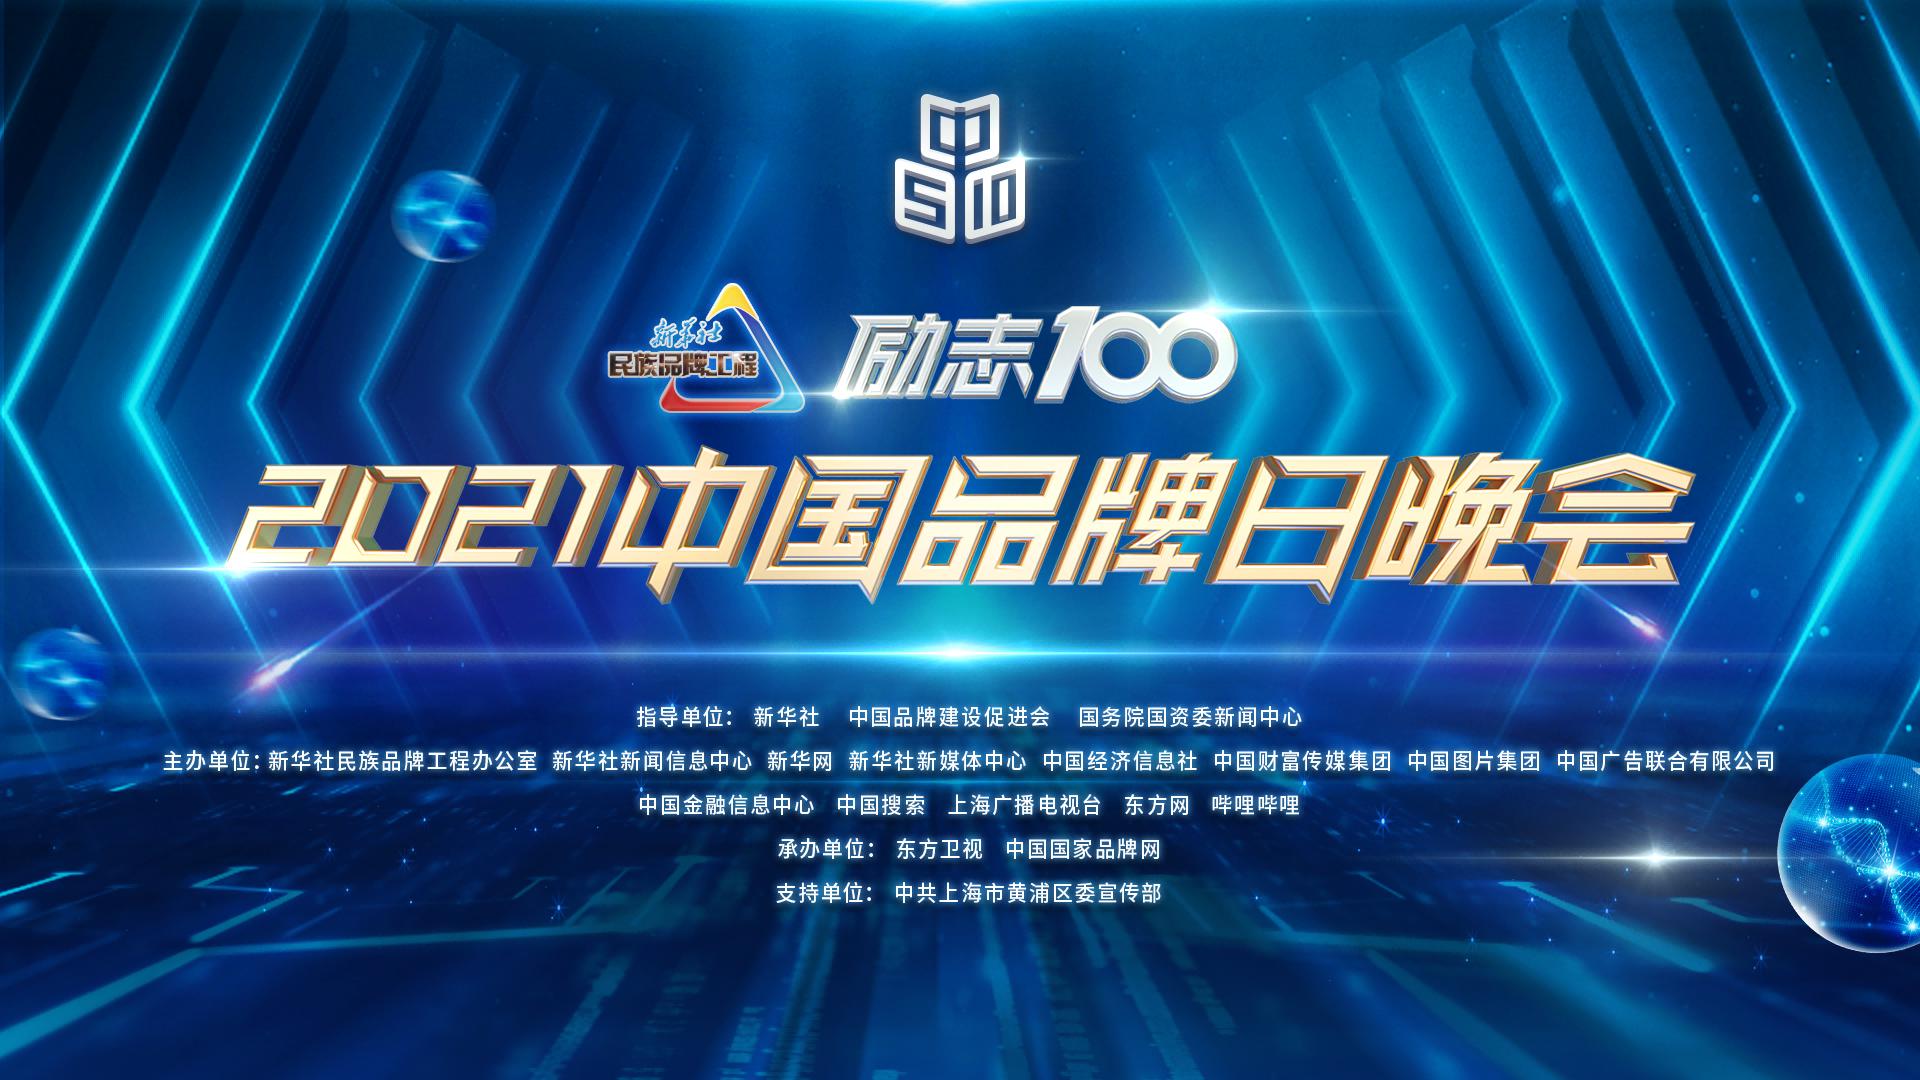 励志100——2021中国品牌日晚会